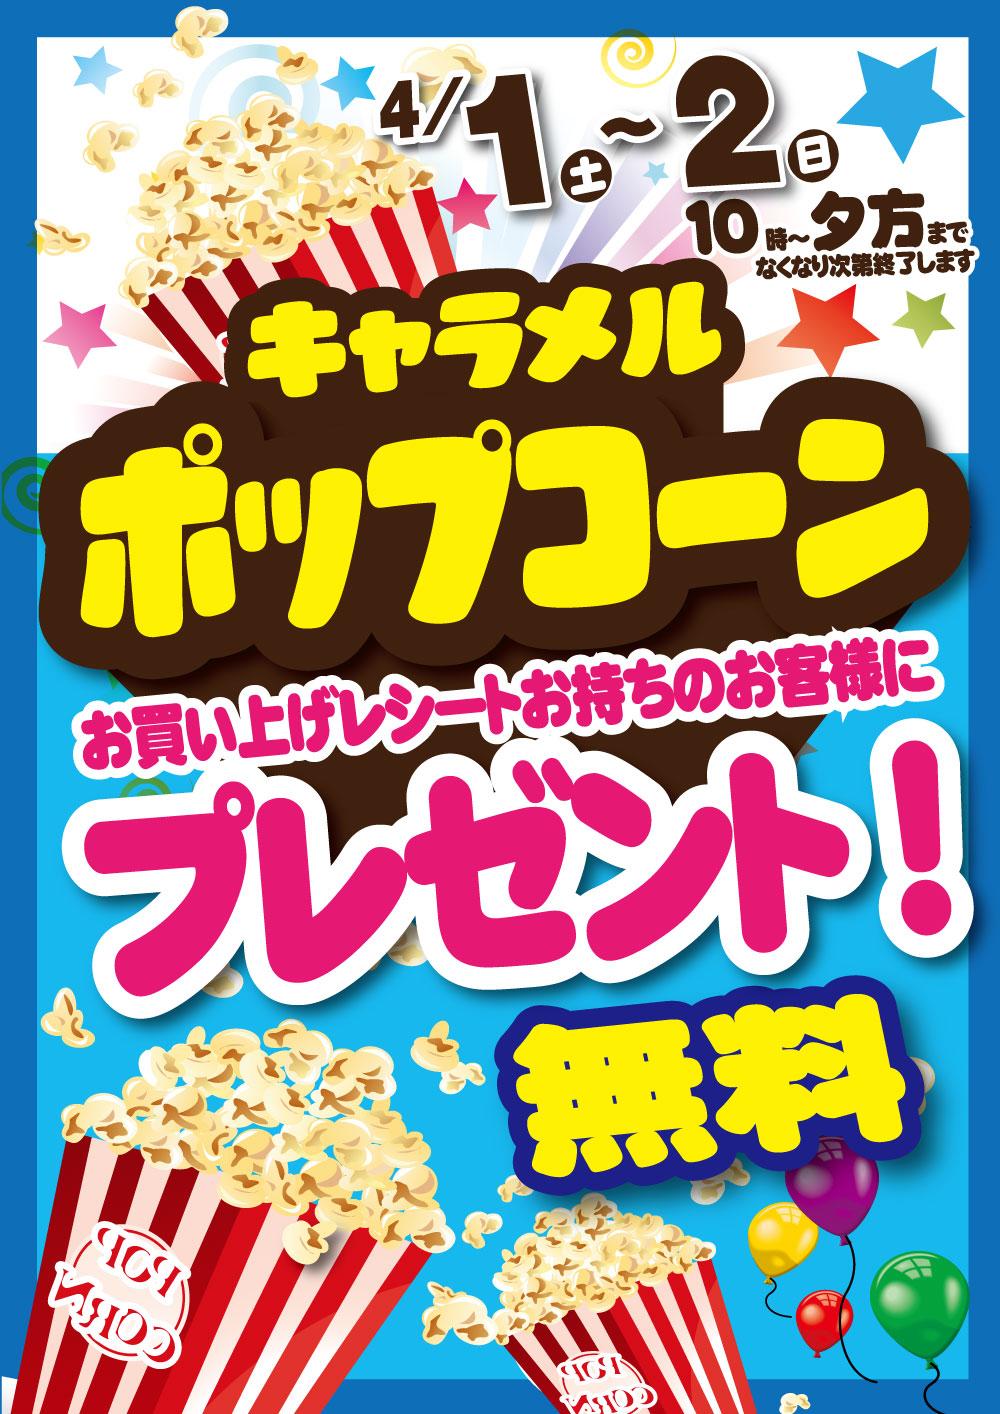 「開放倉庫米子店」2017年4月1、2日の土日2日間は、キャラメルポップコーンプレゼント!!